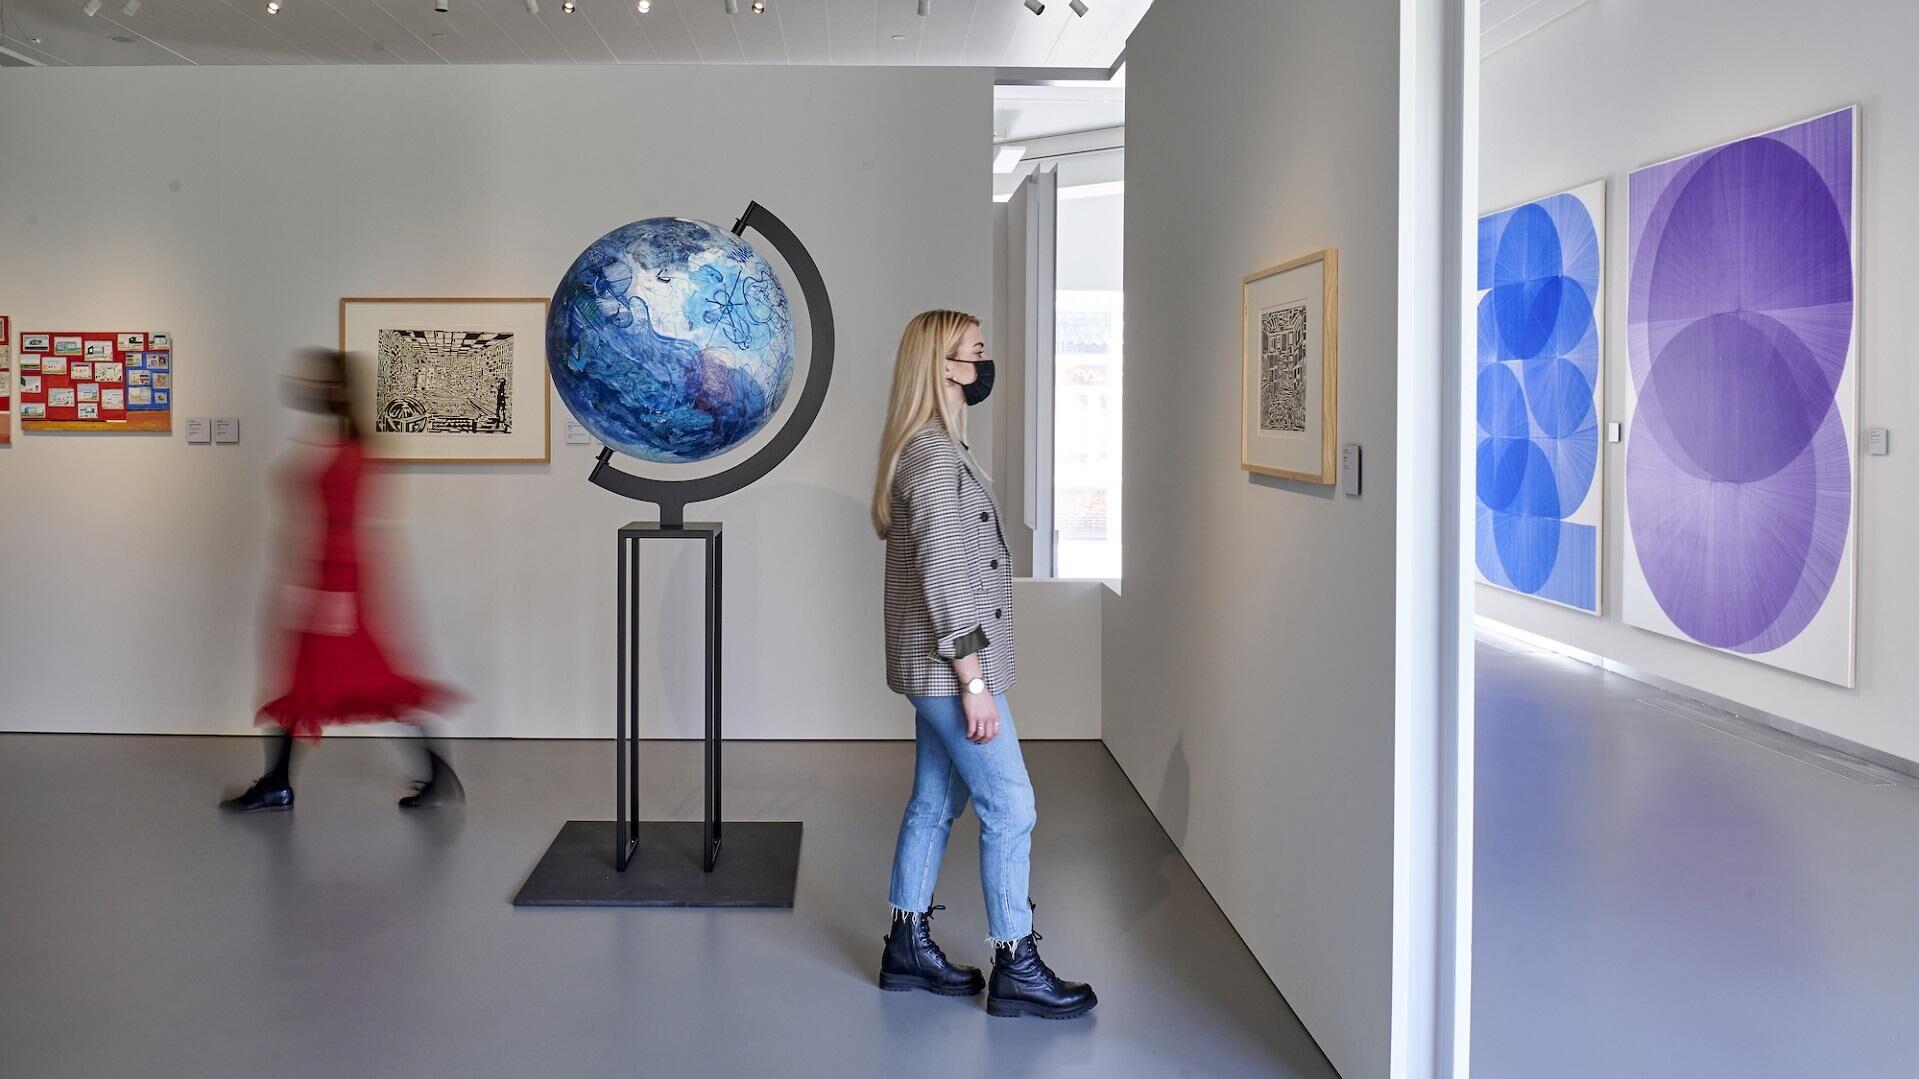 Museum bezoek in coronatijd hnbm - foto Jan-Kees Steenman